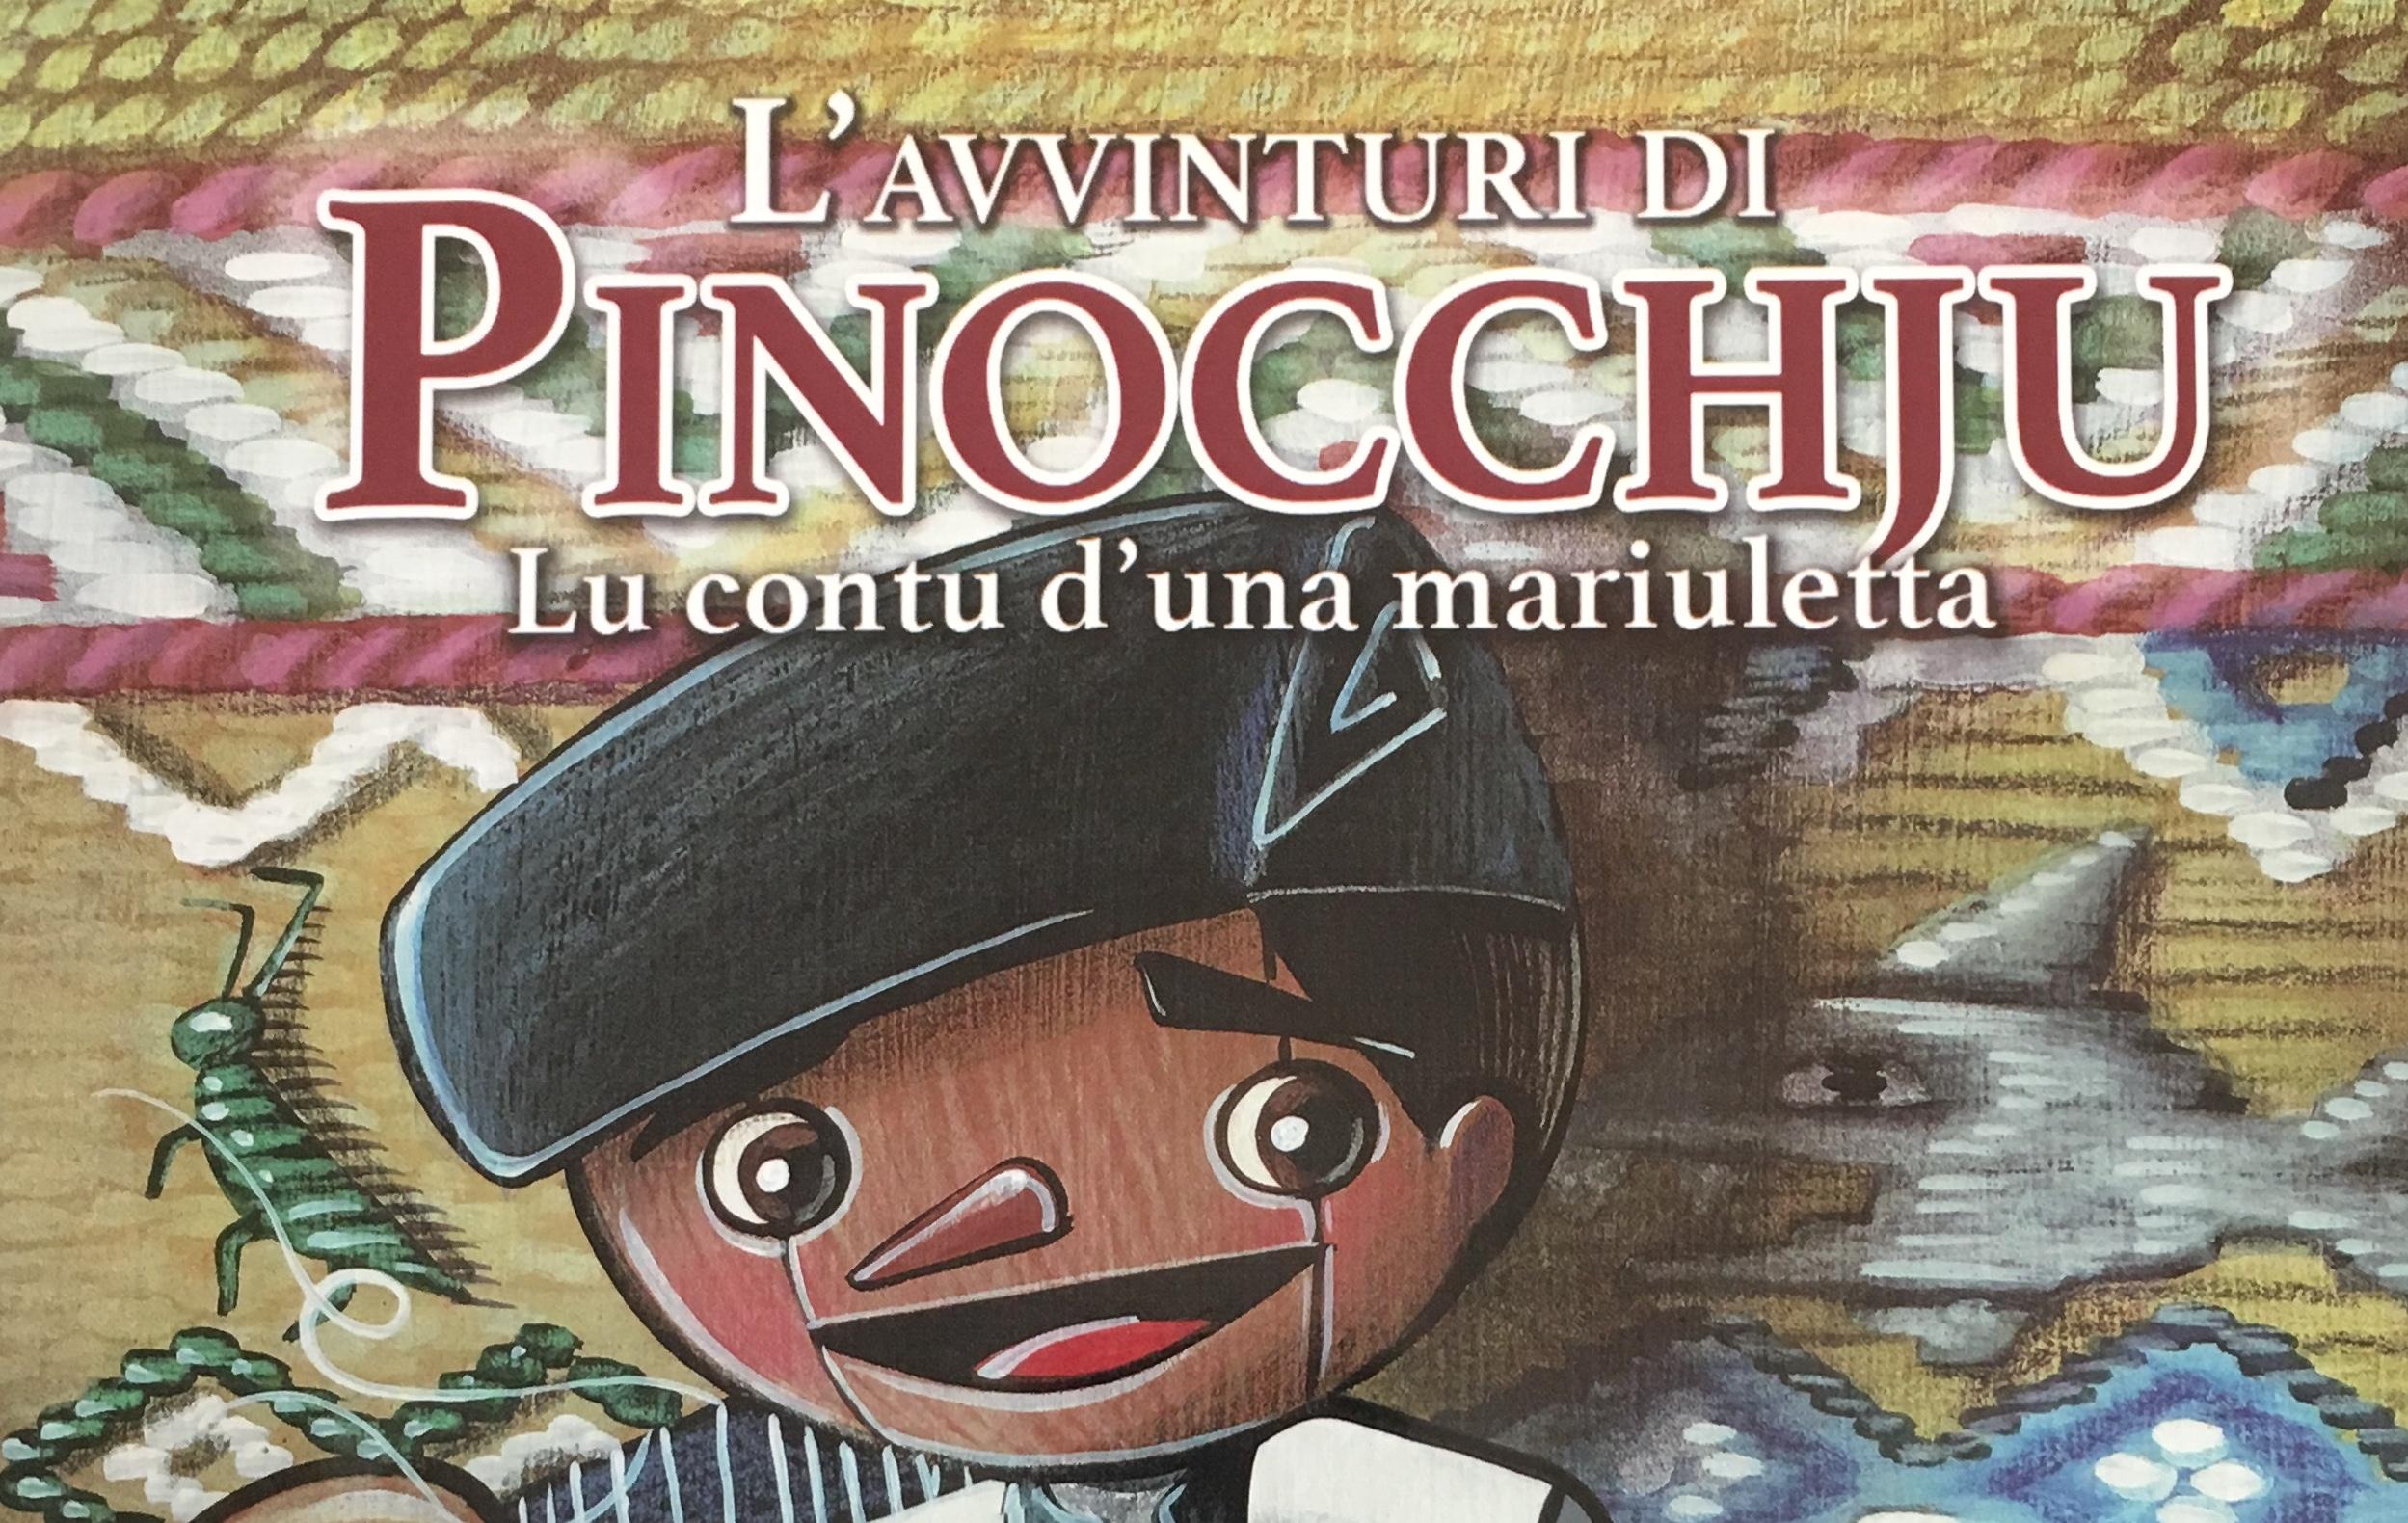 Lu Pinocchju gaddhuresu (di Francesco Giorgioni)